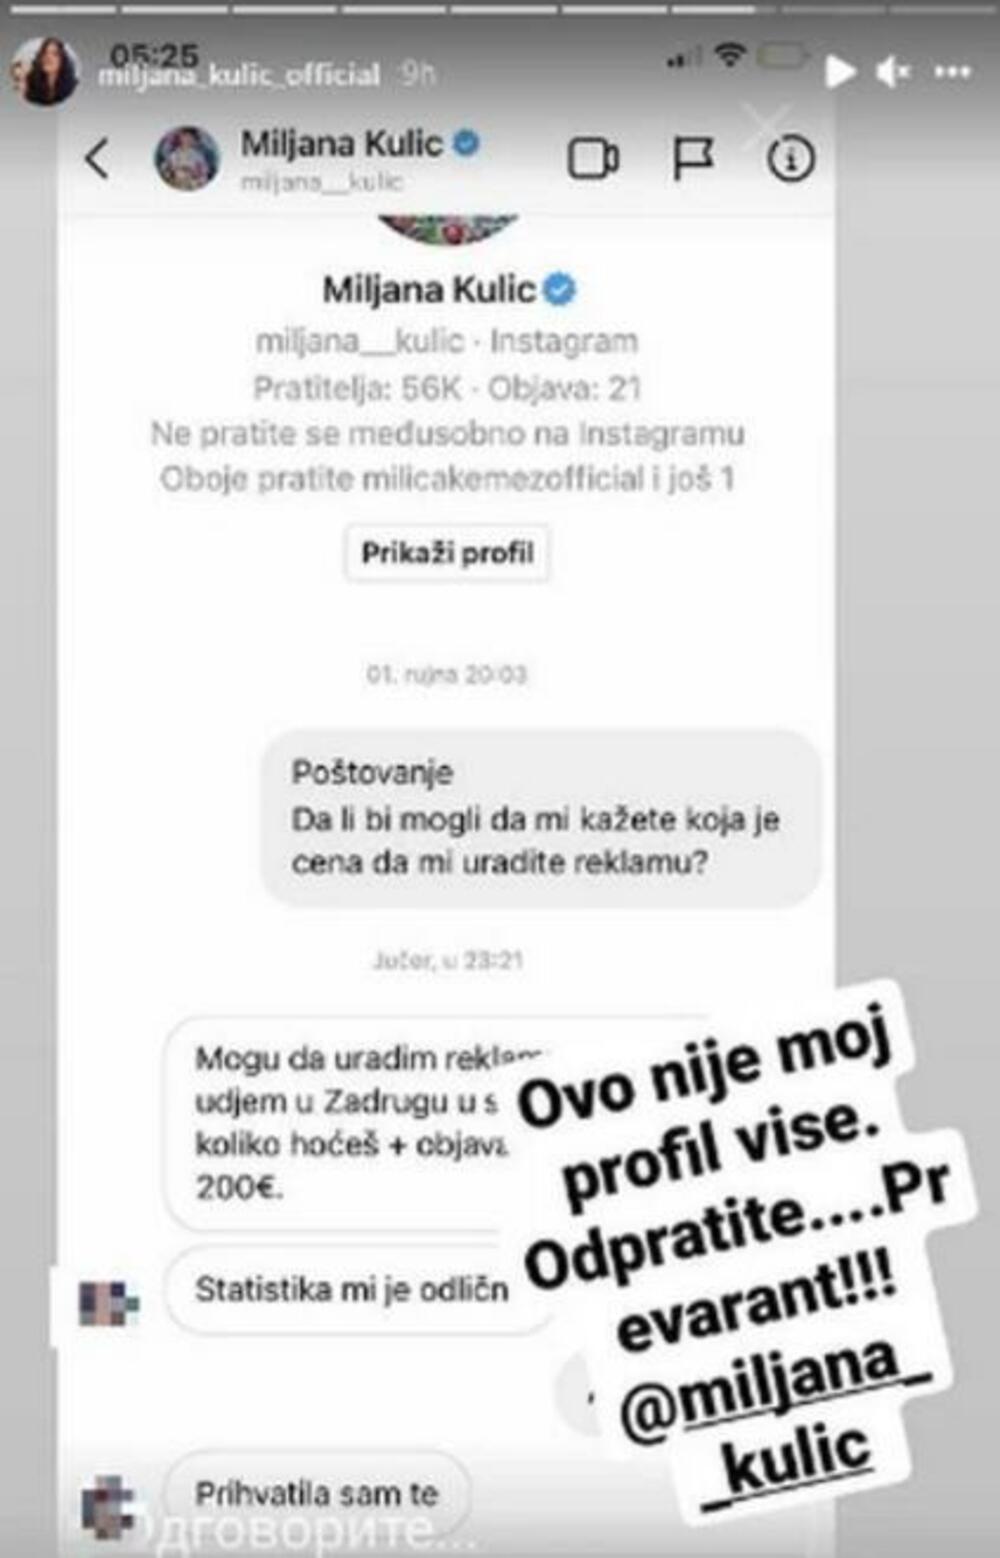 OBJAVA NA PROFILU 200 €, PLUS OBJAVA NA STORIJU! Lažni nalog Miljane Kulić PELJEŠI LJUDE, sve je prevara